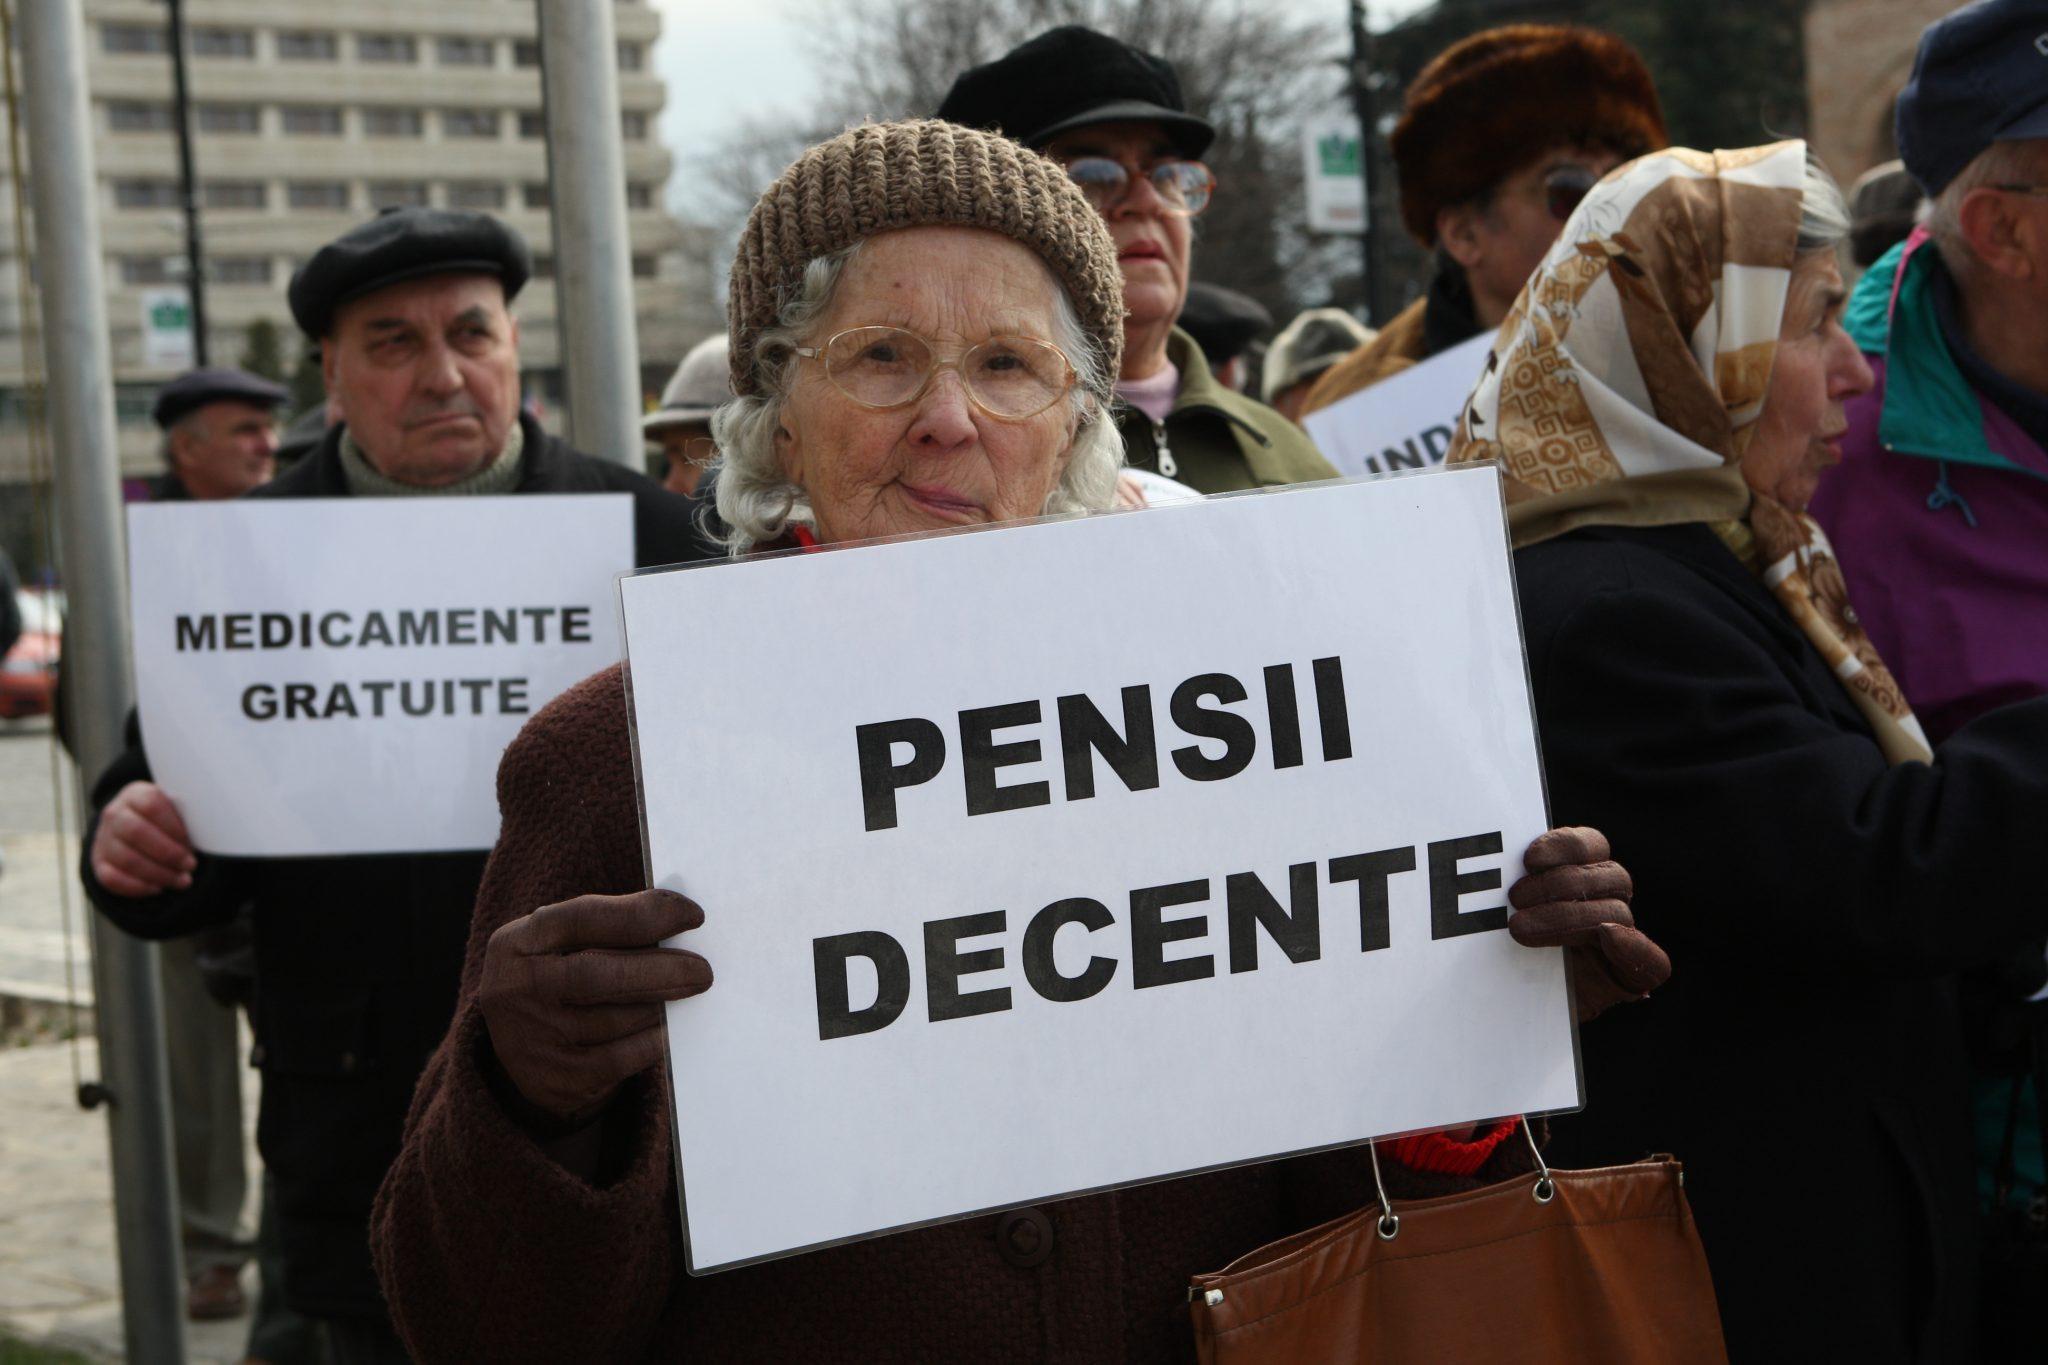 /VIDEO/ Zeci de pensionari au atacat Guvernul și CNAS în judecată pentru că pensiile lor nu ar fi fost calculate corespunzător